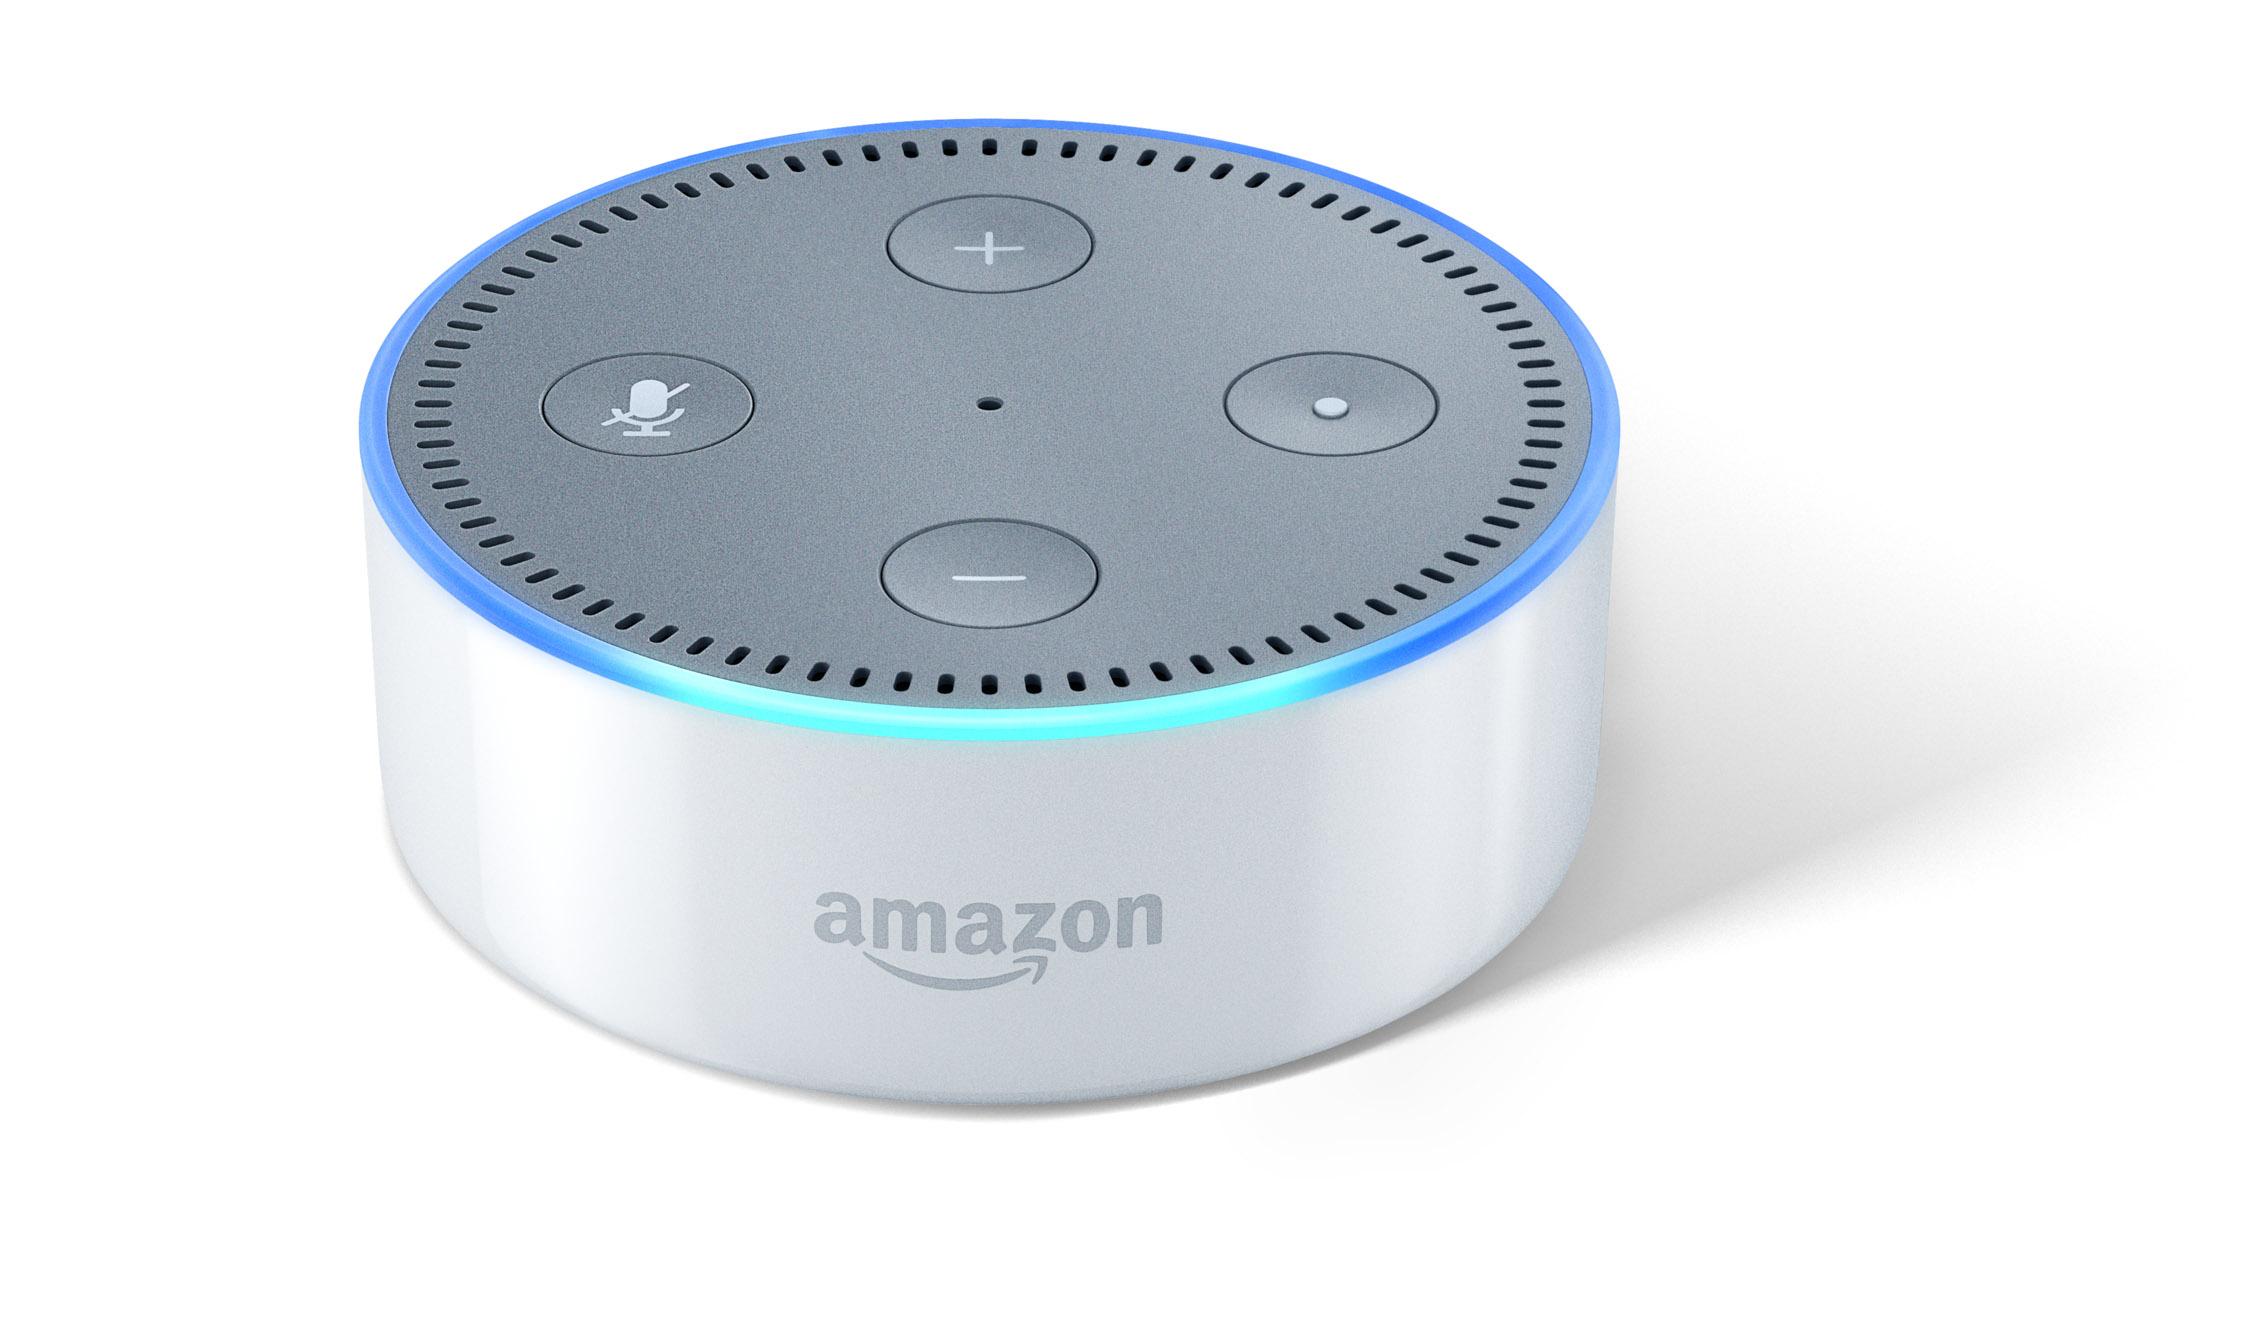 Smarter Lautsprecher: Amazons Echo anfangs nur für wenige Auserwählte - Echo Dot (Bild: Amazon)